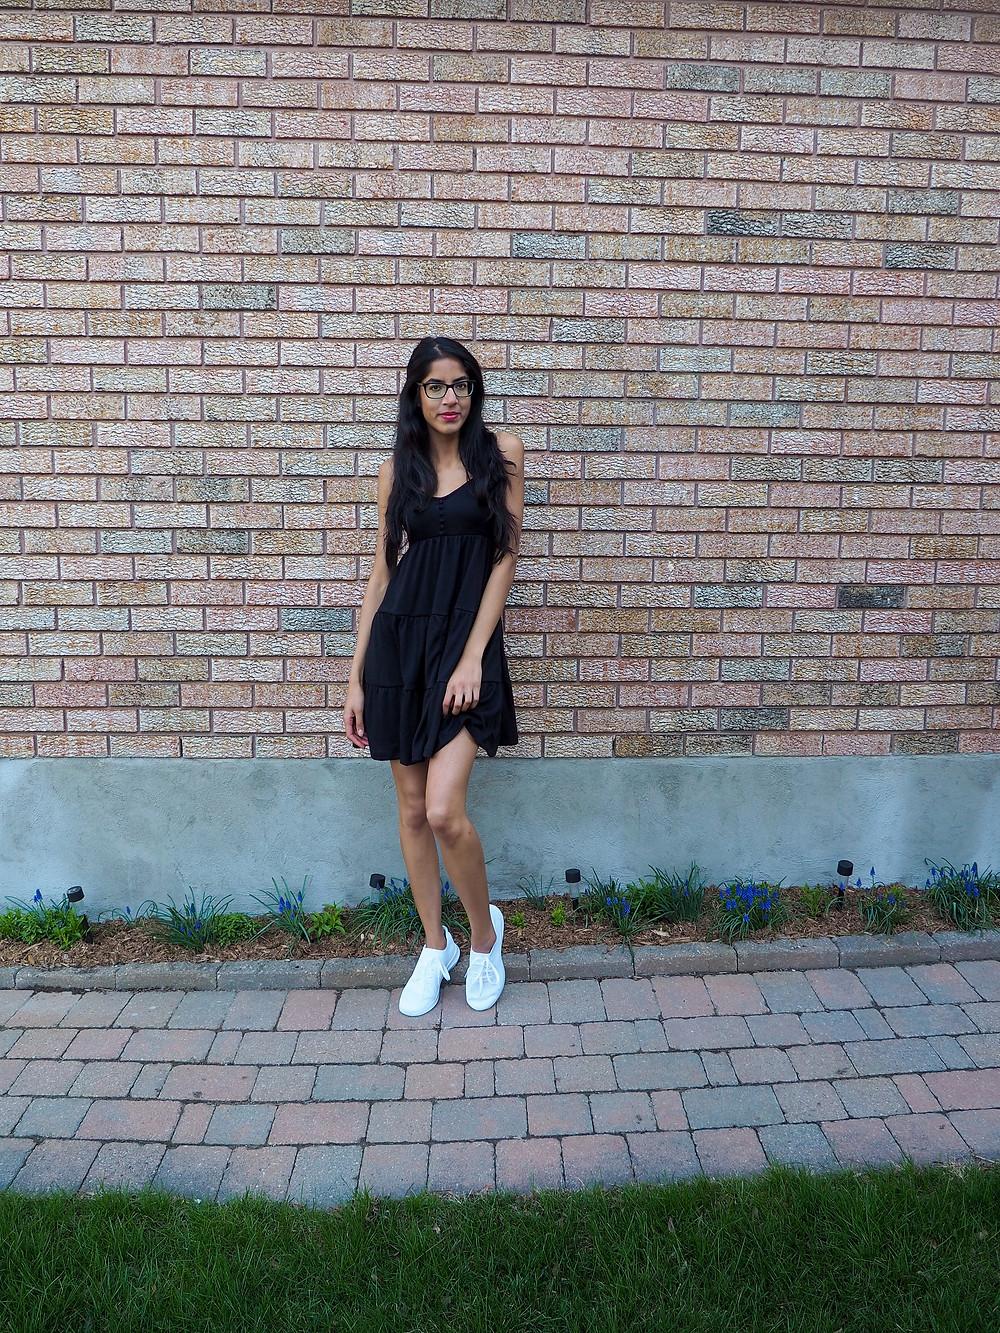 woman in black summer dress